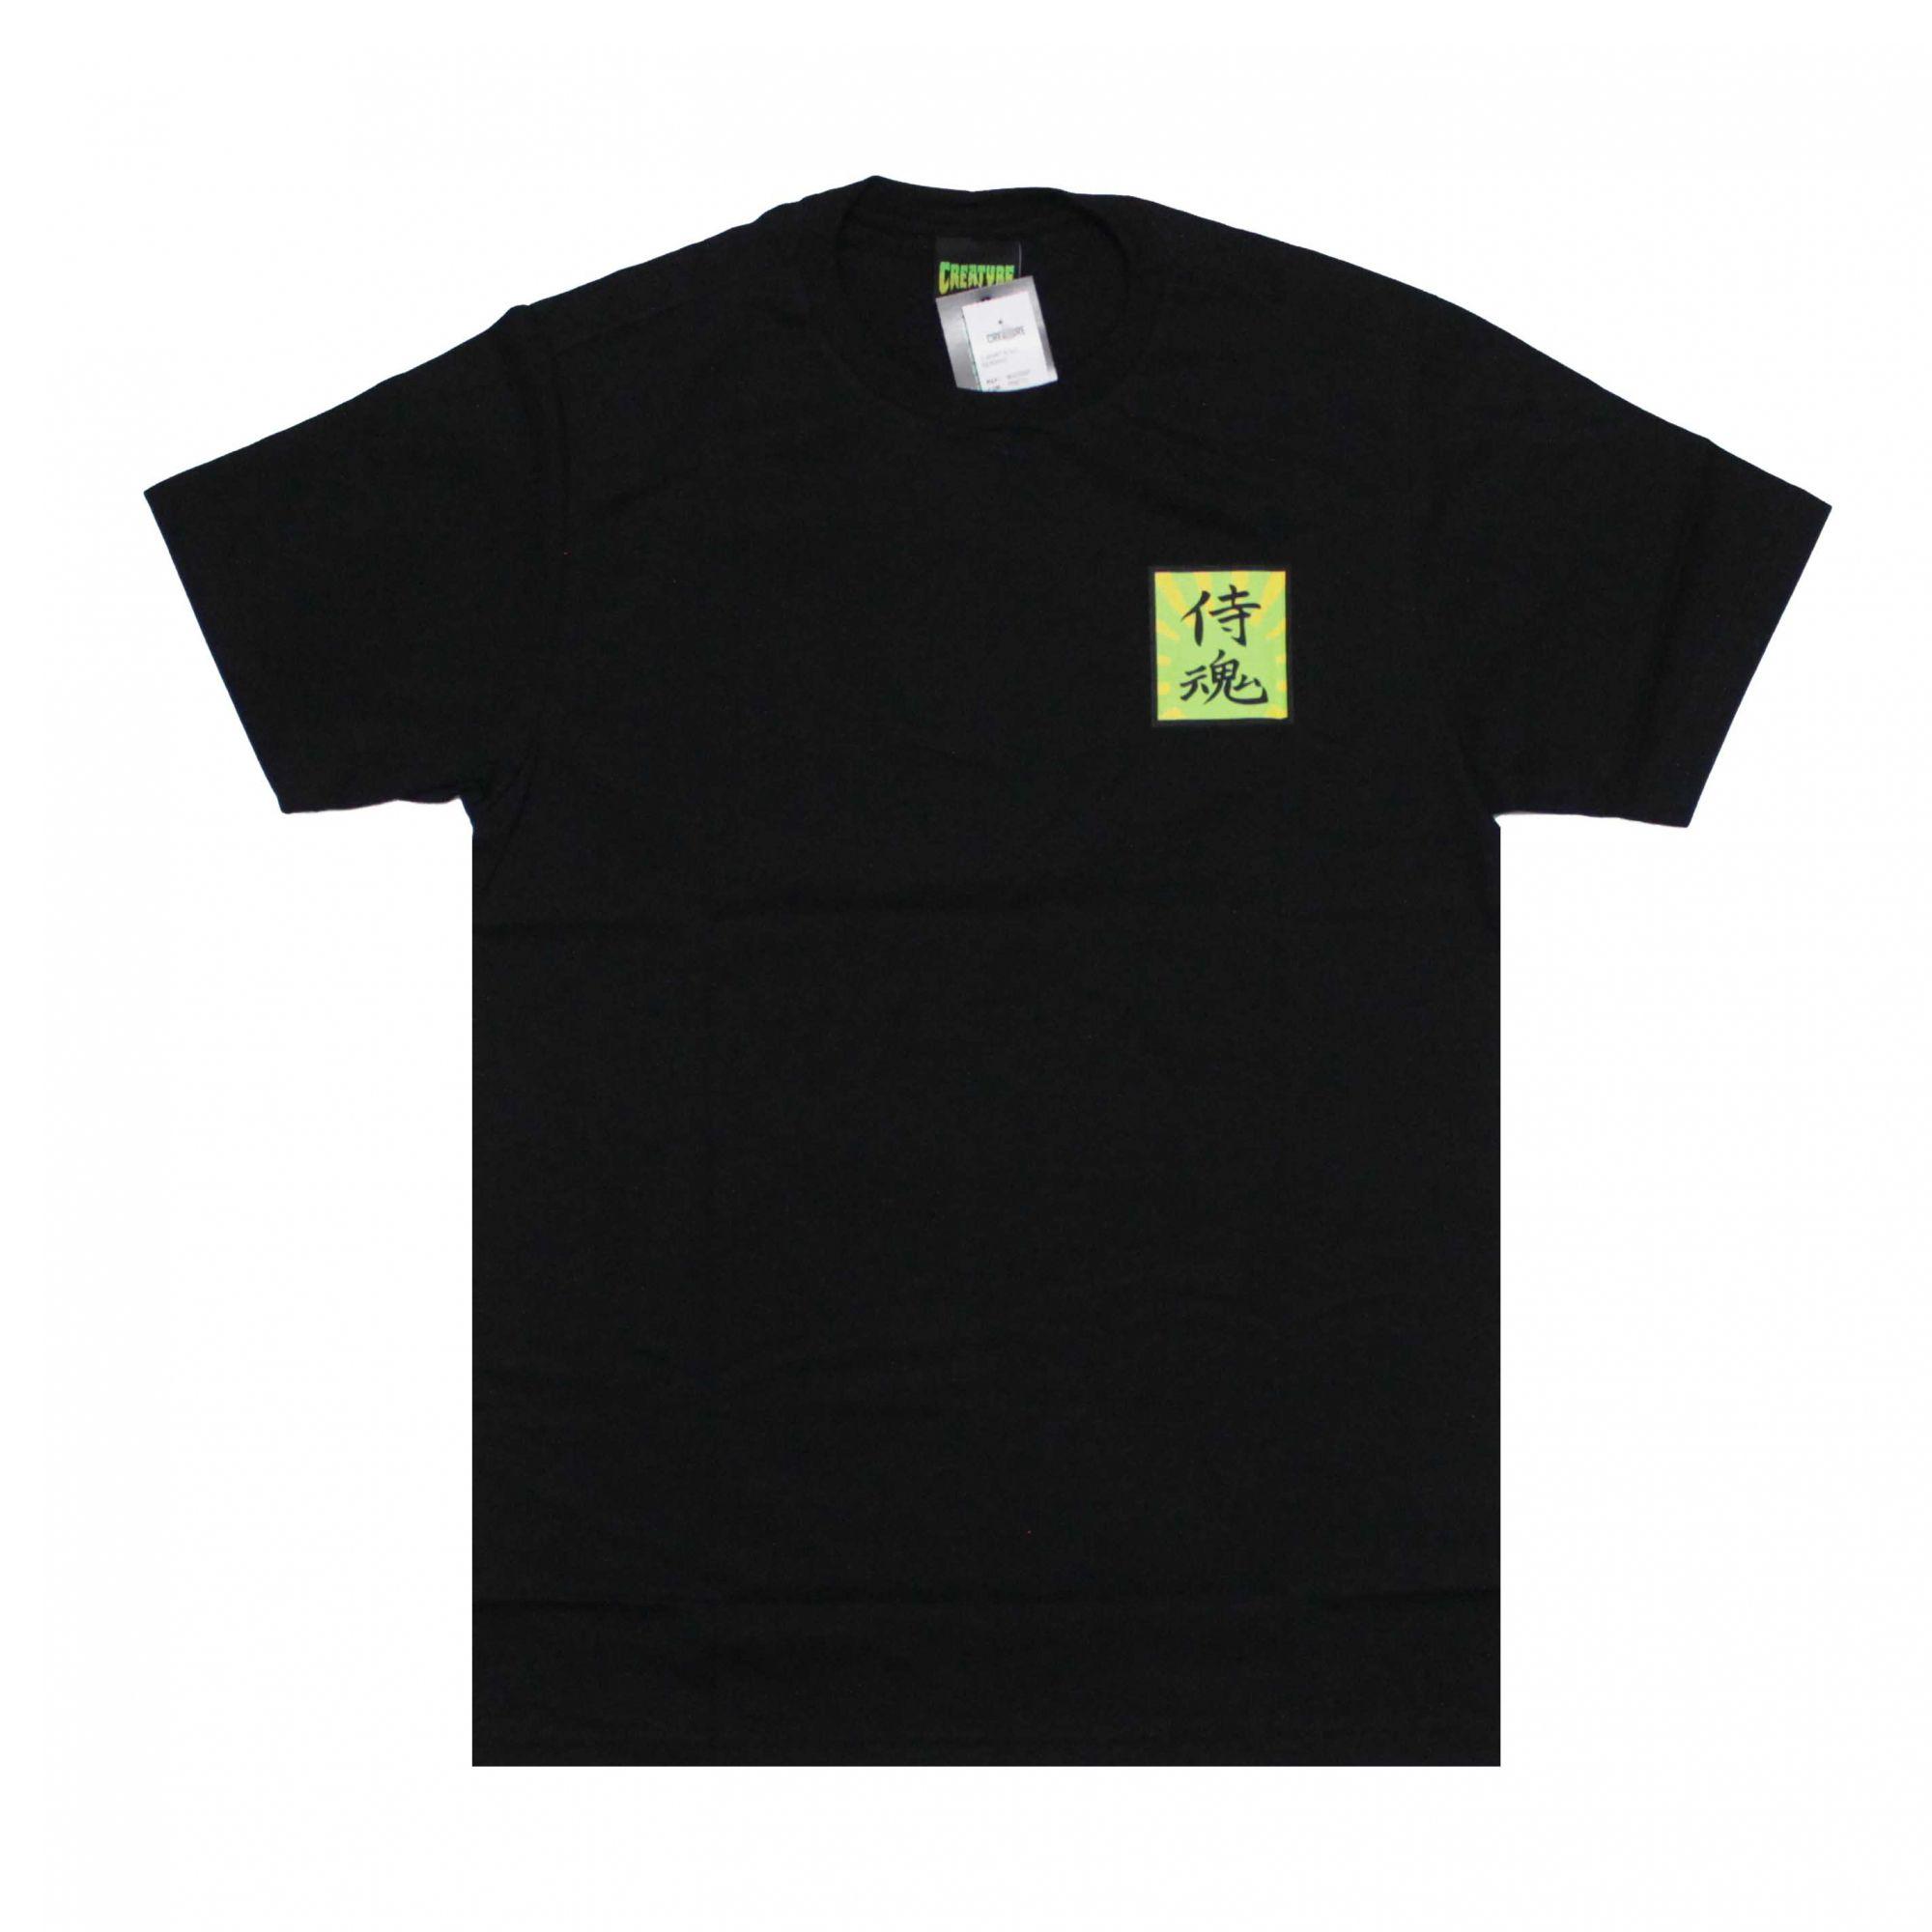 Camiseta Creature Soul Servant Preto